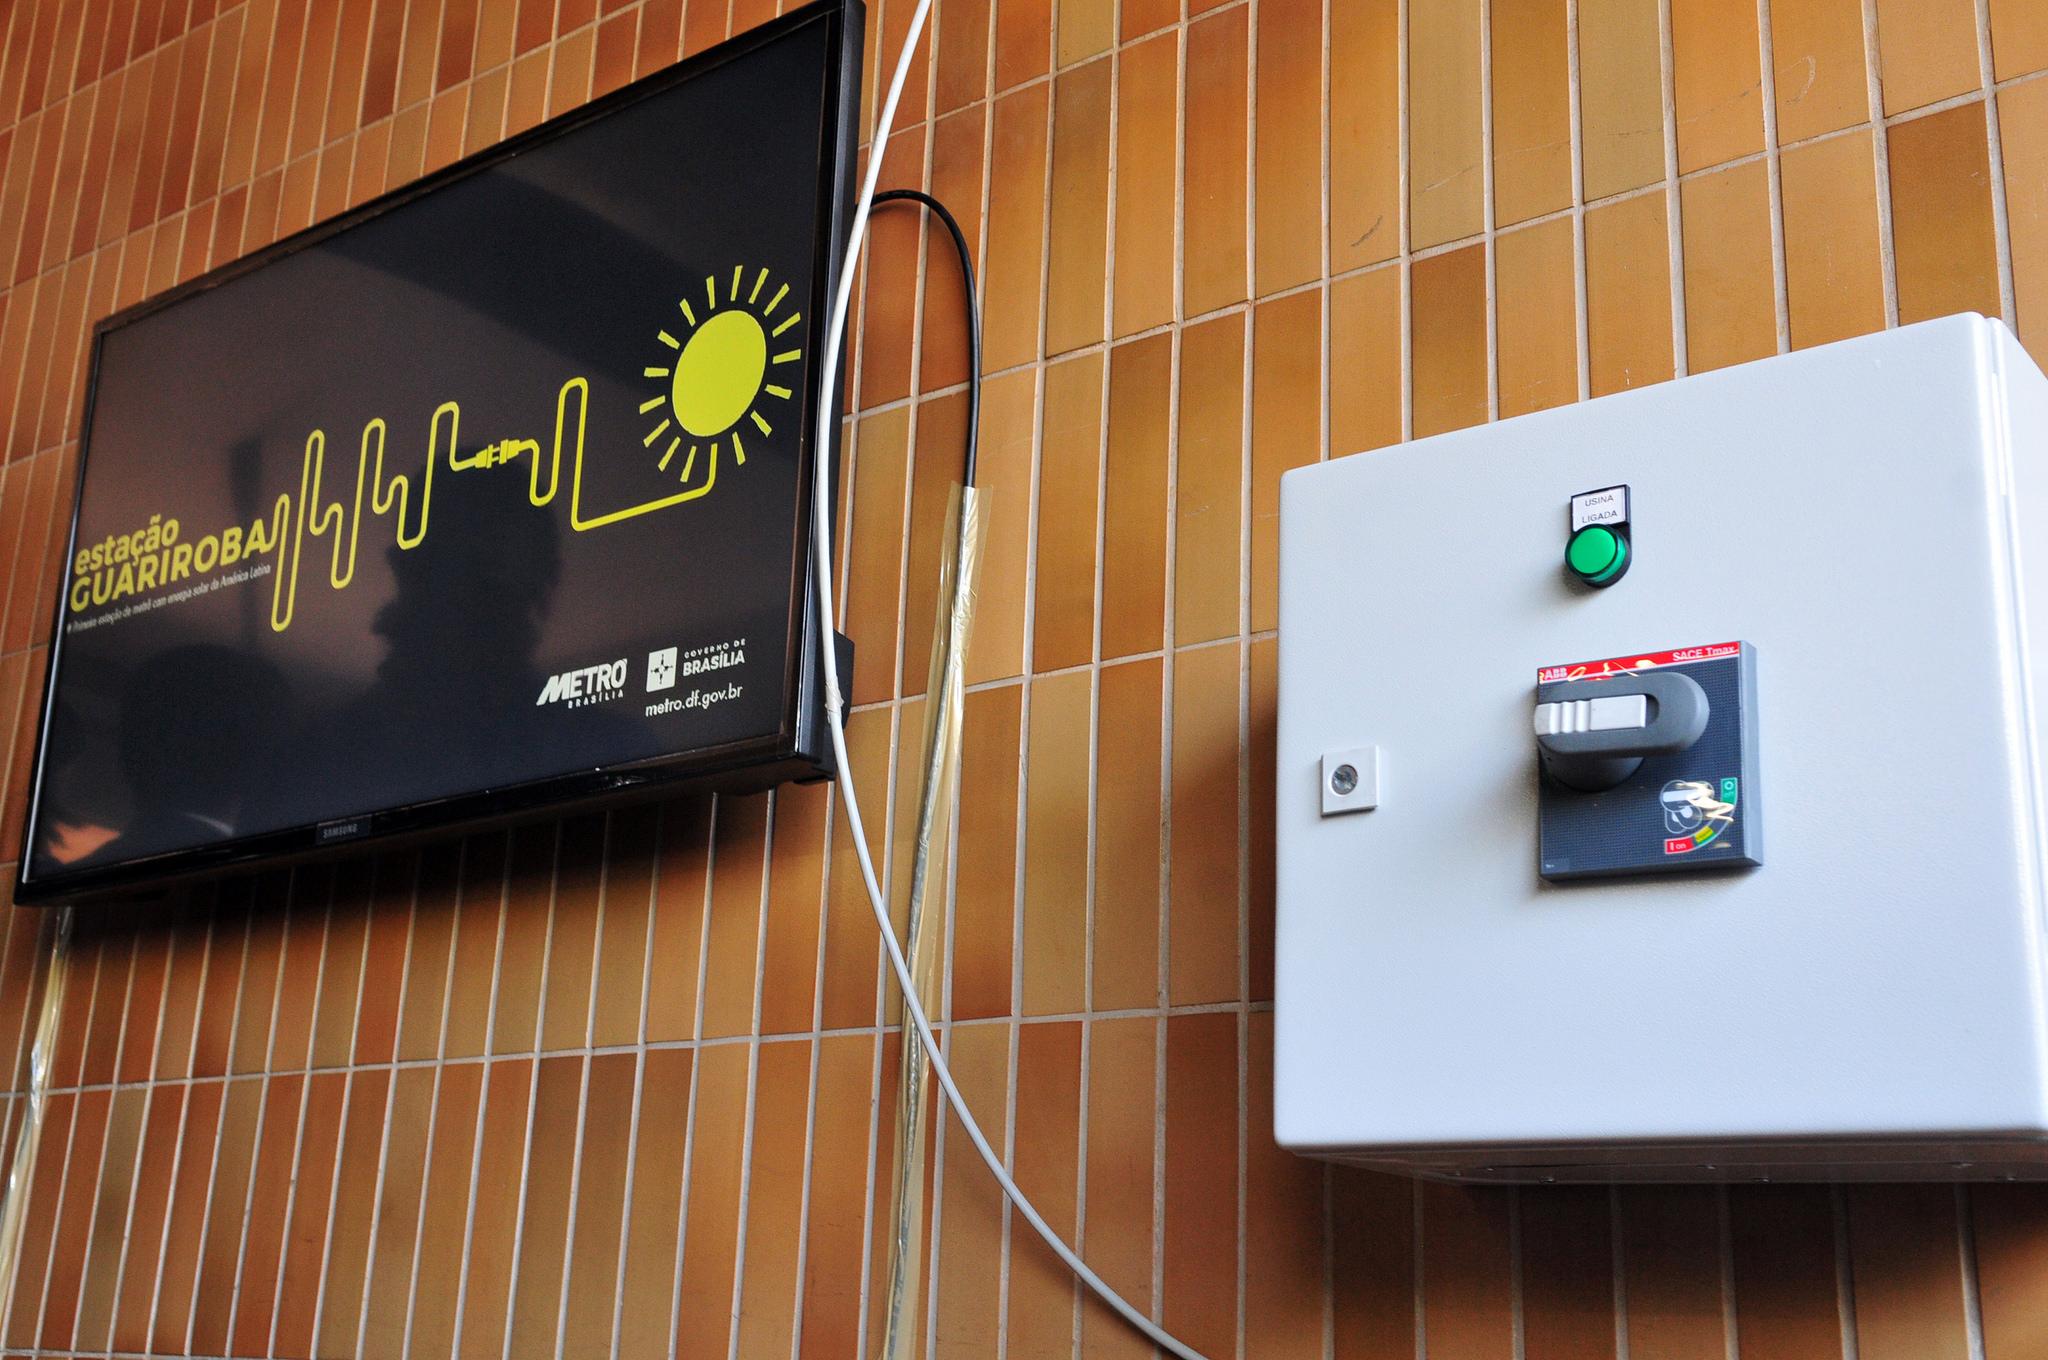 Implantado, em outubro/2017, o sistema de energia solar fotovoltaica na estação Guariroba, na Ceilândia, com 578 painéis, que têm capacidade de gerar 288 mil kWh (quilowatts-hora) por ano, equivalente a 100% do consumo da estação. O sistema está conectado à rede da distribuidora local, e o excedente da energia solar beneficia todo o sistema metroviário de Brasília.